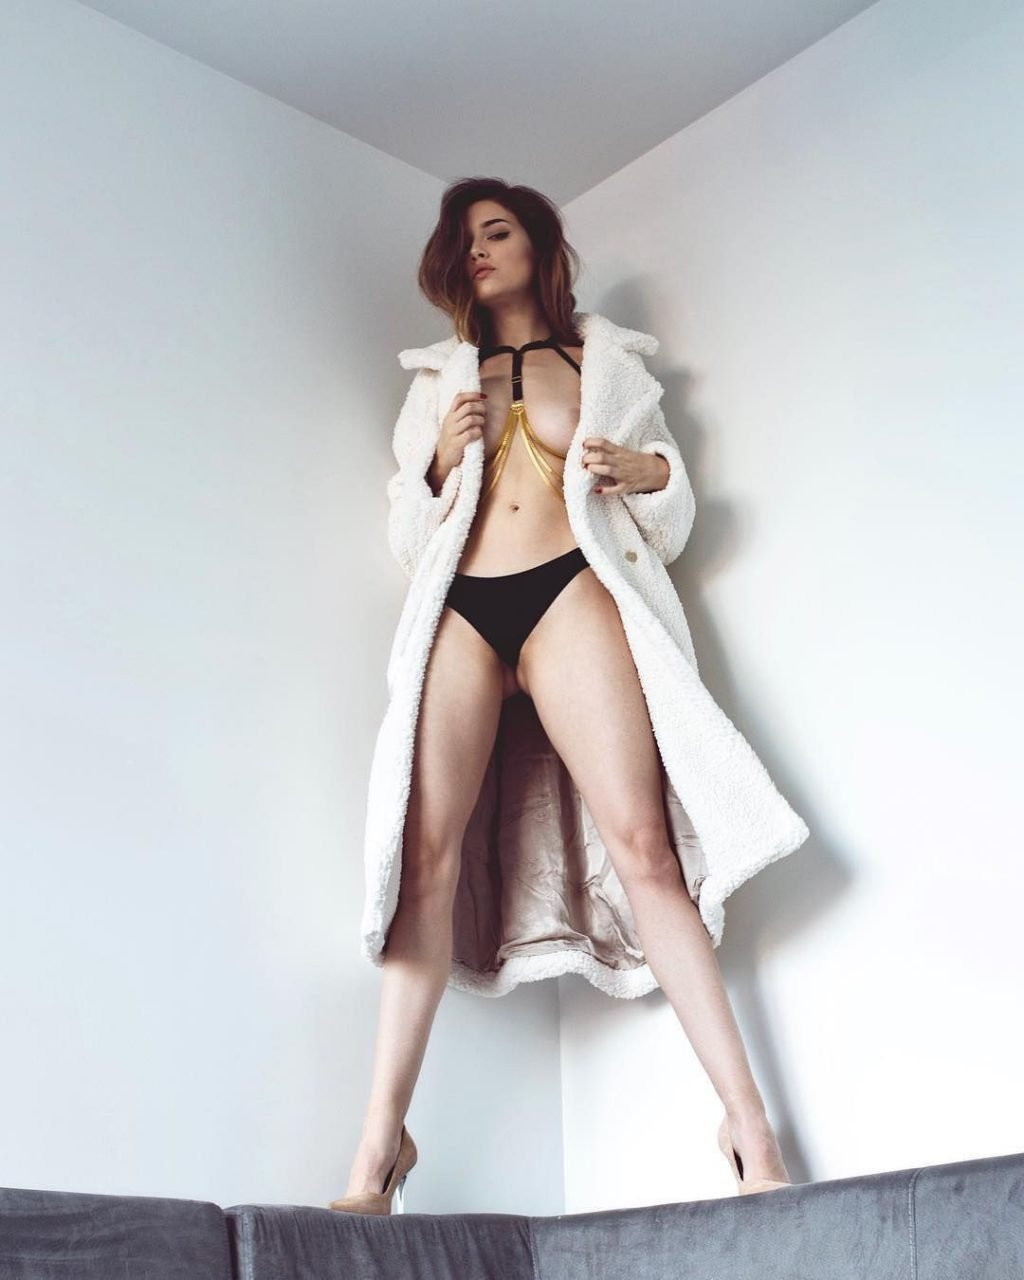 Lauren Summer Nude & Sexy (90 Photos)